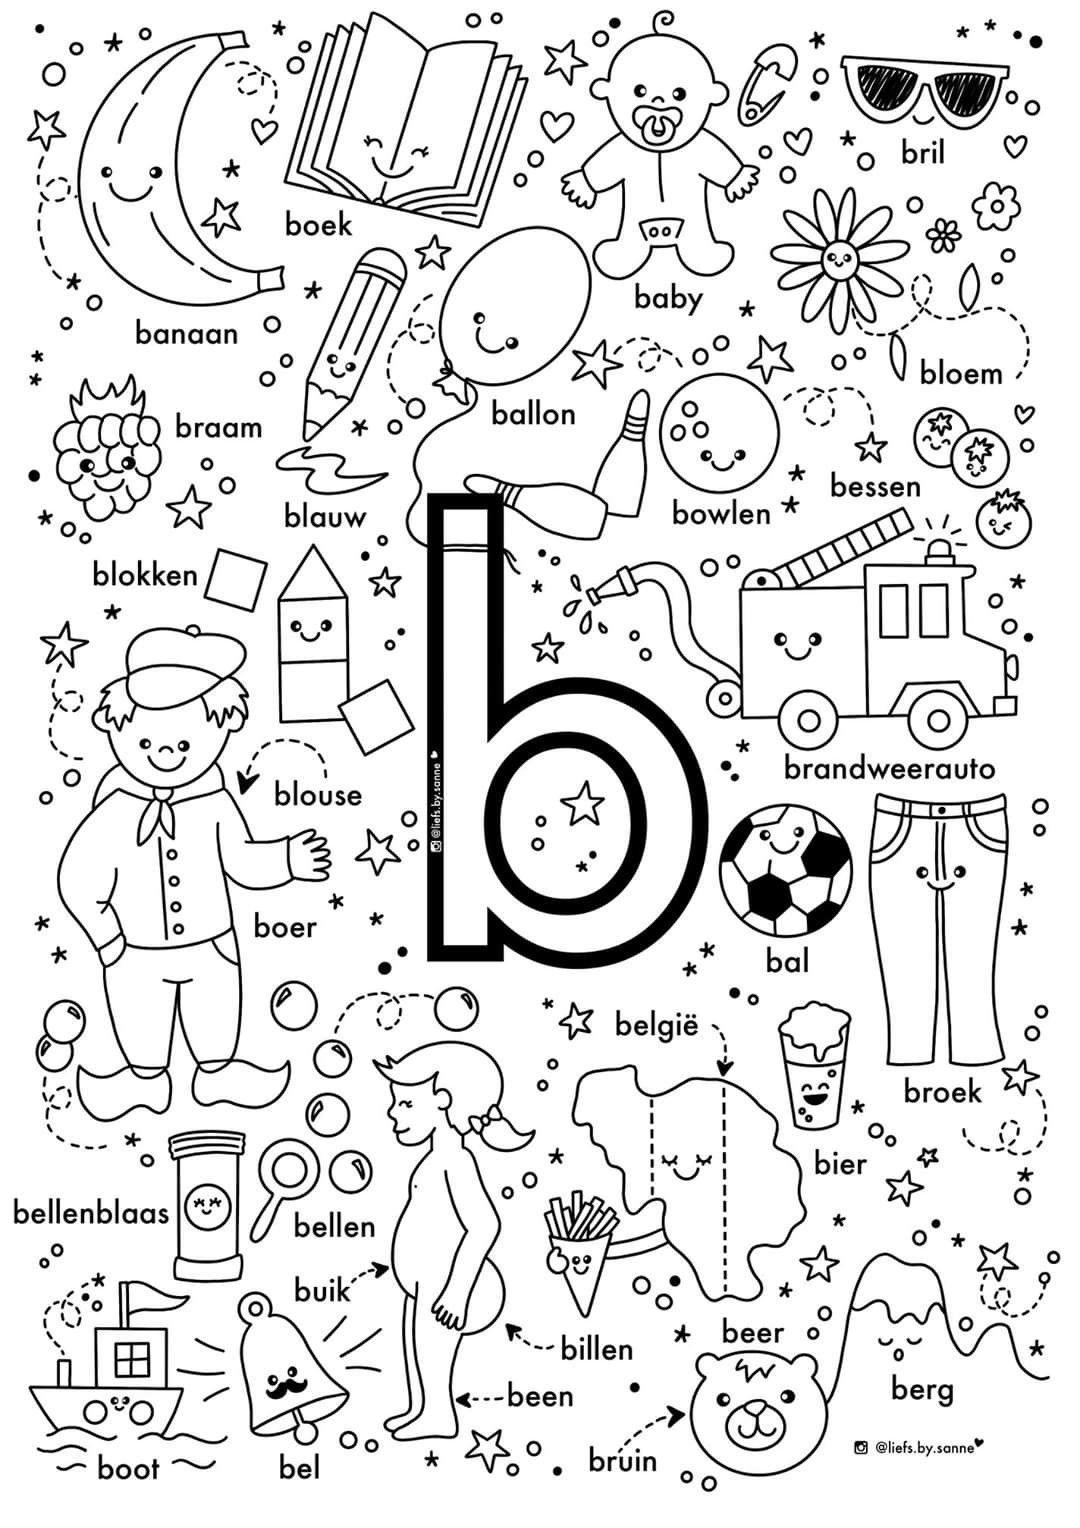 Pin Van Machteld Dietz Op Drawing Letterherkenning Spelletjes Alfabet Boek Alfabet Kleurplaten